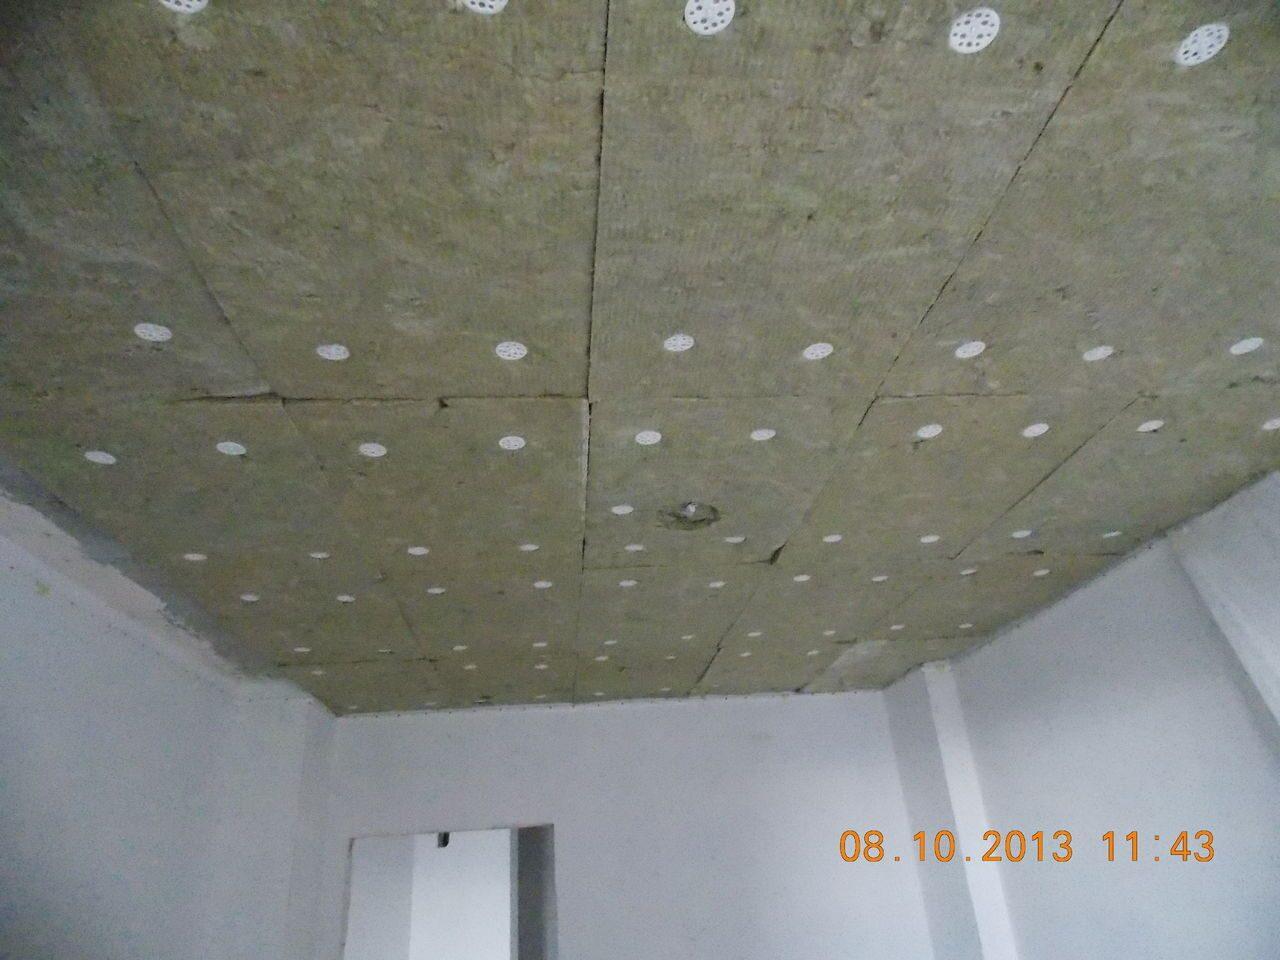 Шумоизоляции потолка в квартире своими руками: методы и 79